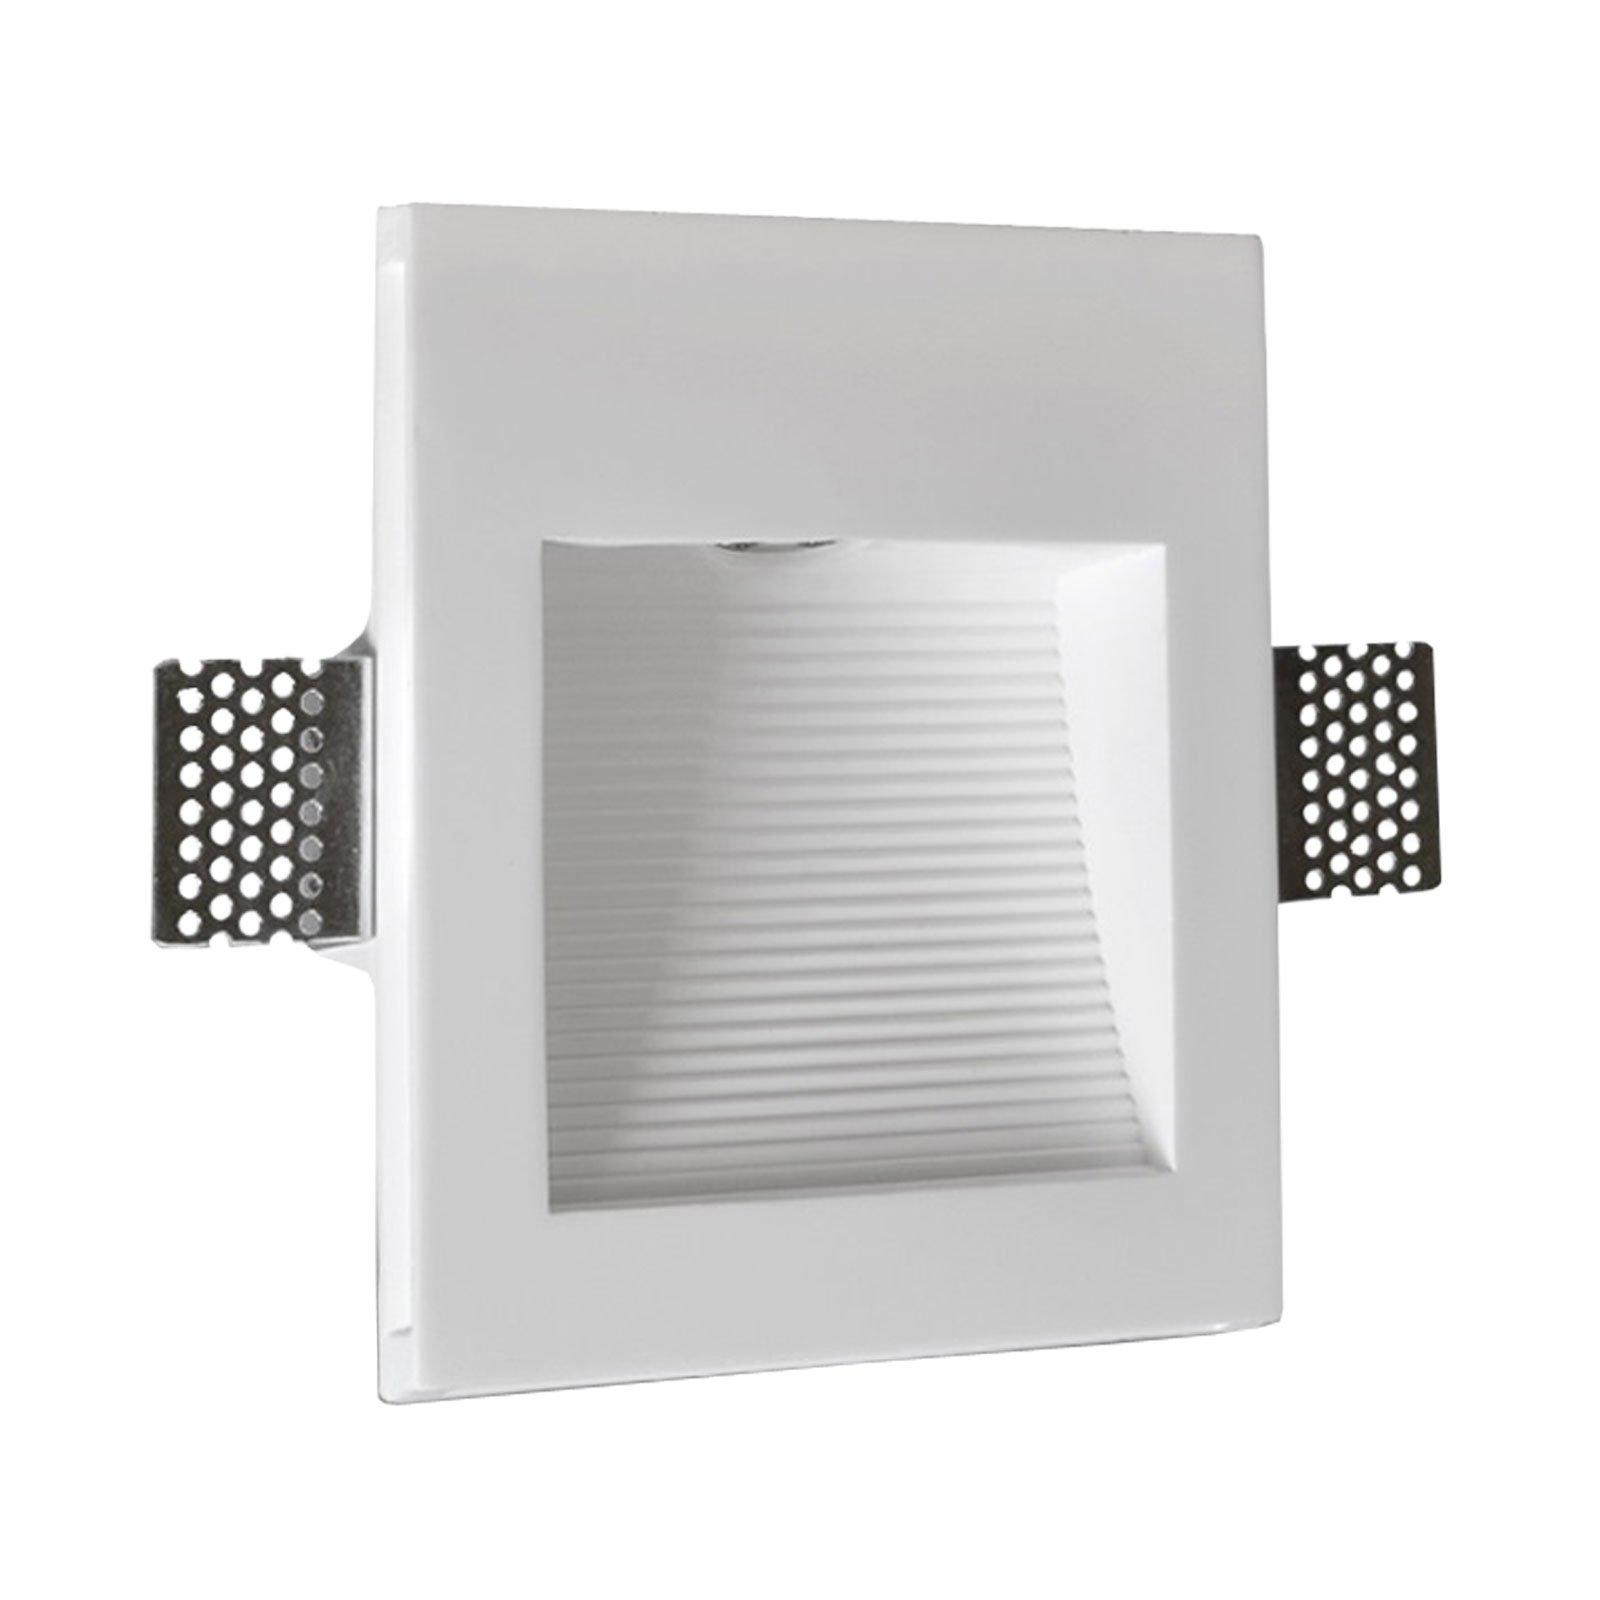 LED innfelt vegglampe Zimant av gips